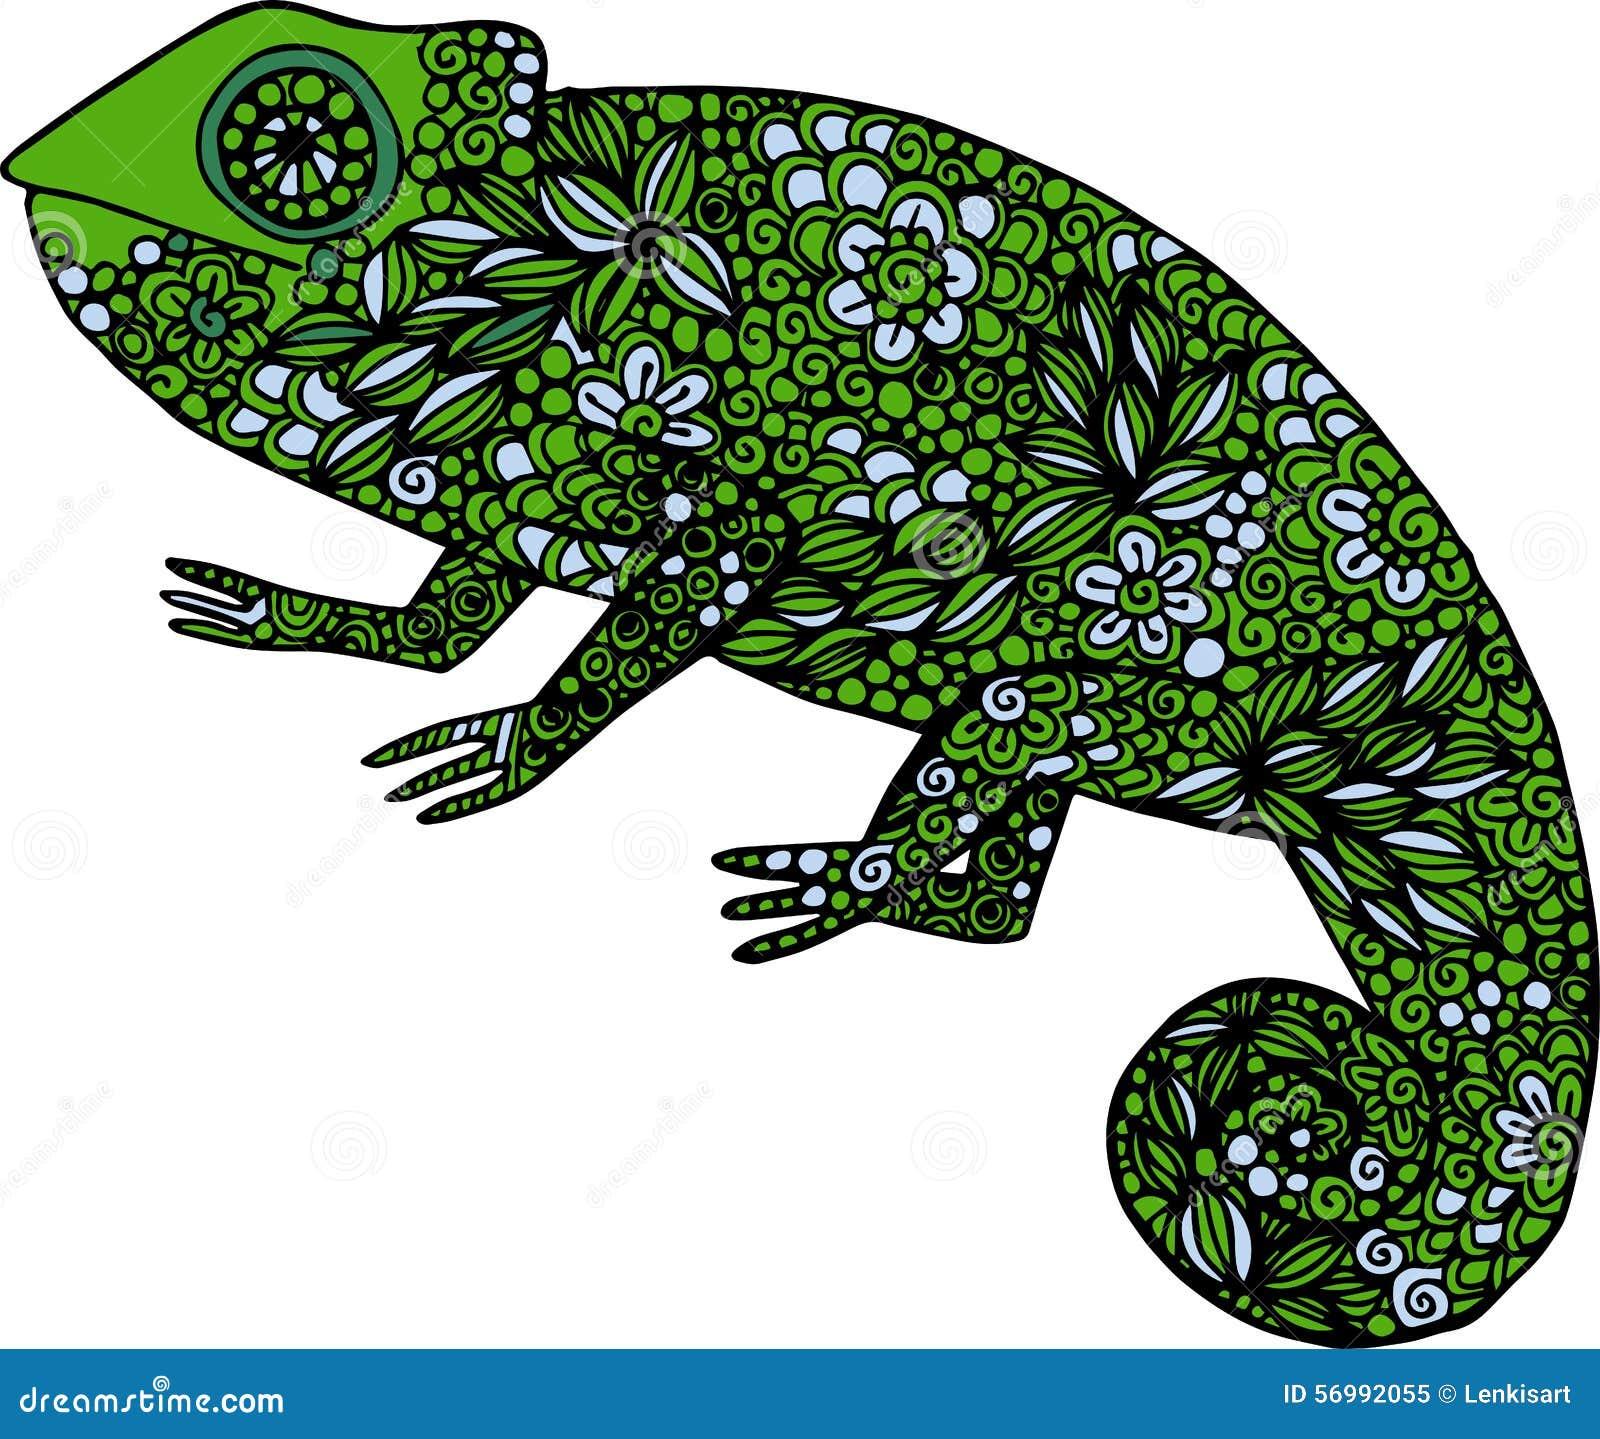 Chameleon Outline Tattoo: Hand Drawn Doodle Colorful Chameleon Illustration